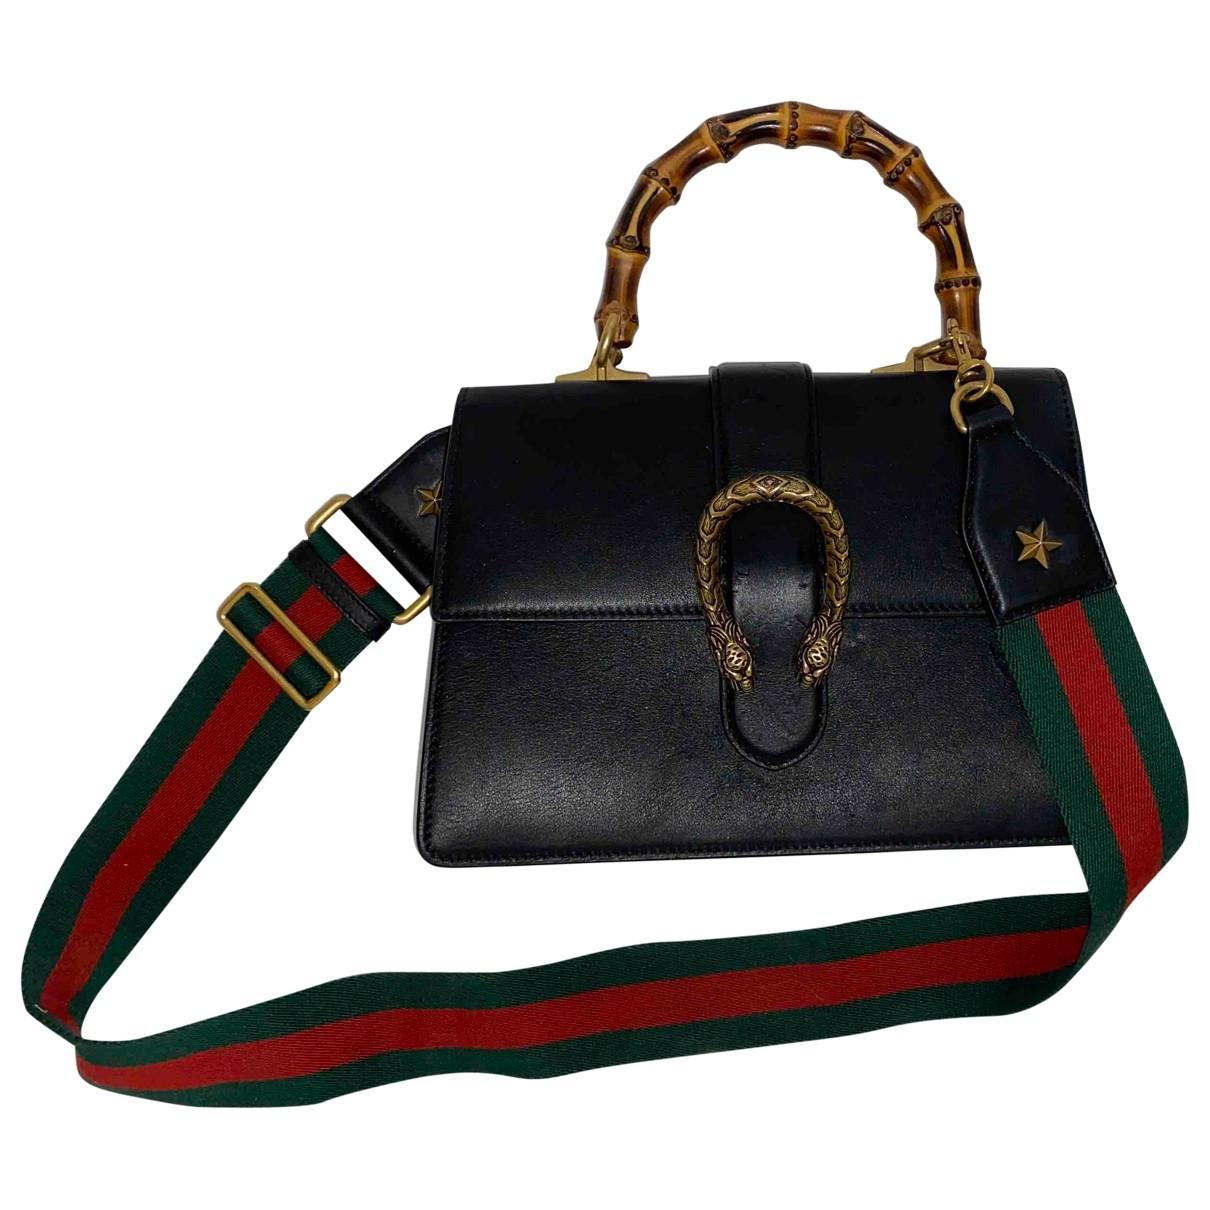 Gucci - Sac a main Dionysus pour femme en cuir - noir